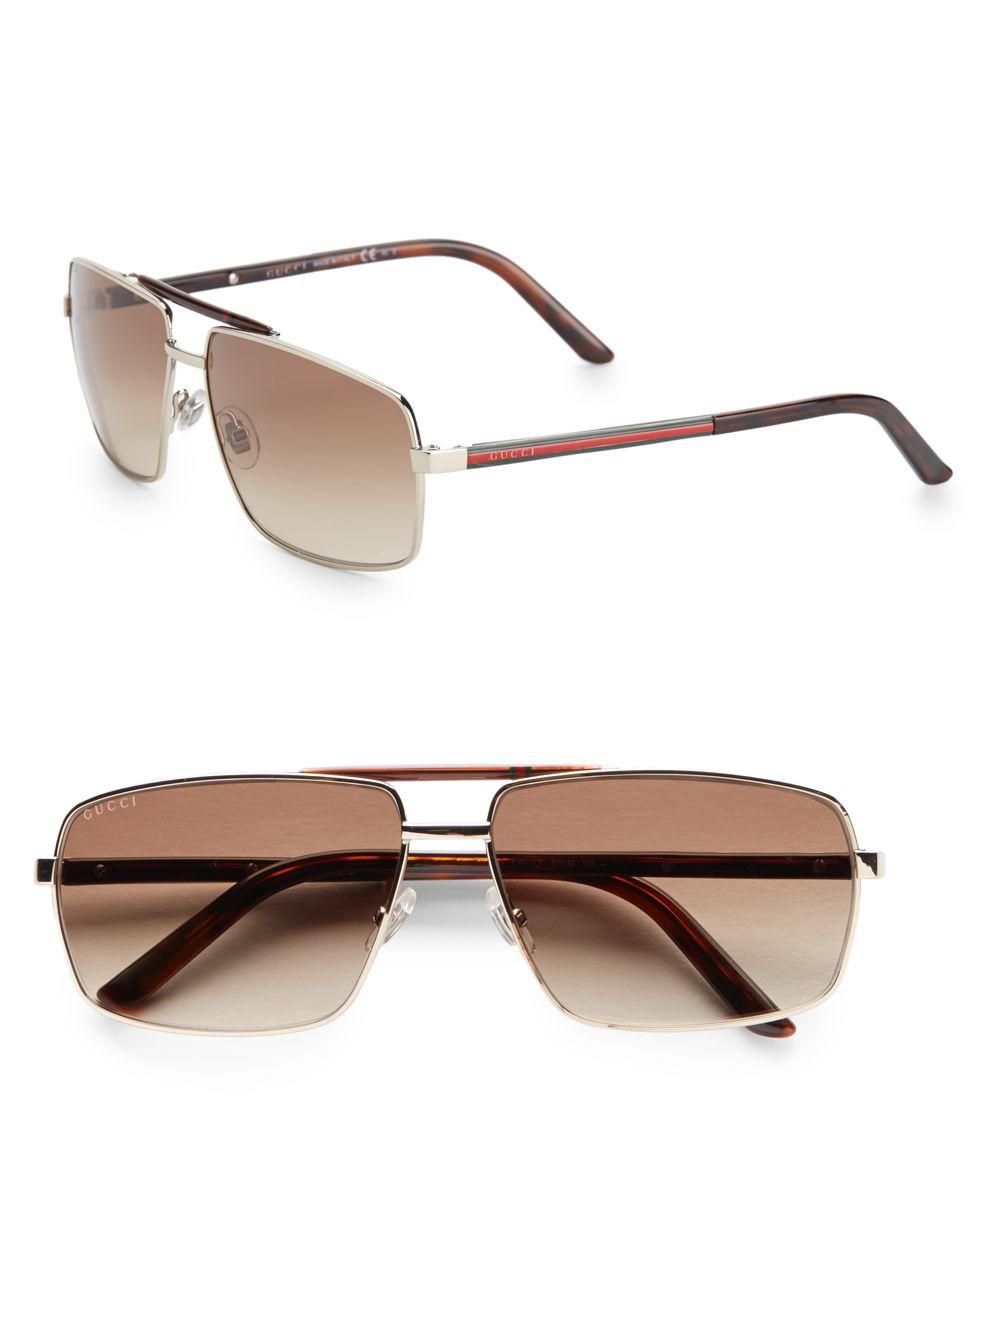 c5306e8b39 Gucci 61mm Square Aviator Sunglasses in Metallic for Men - Lyst